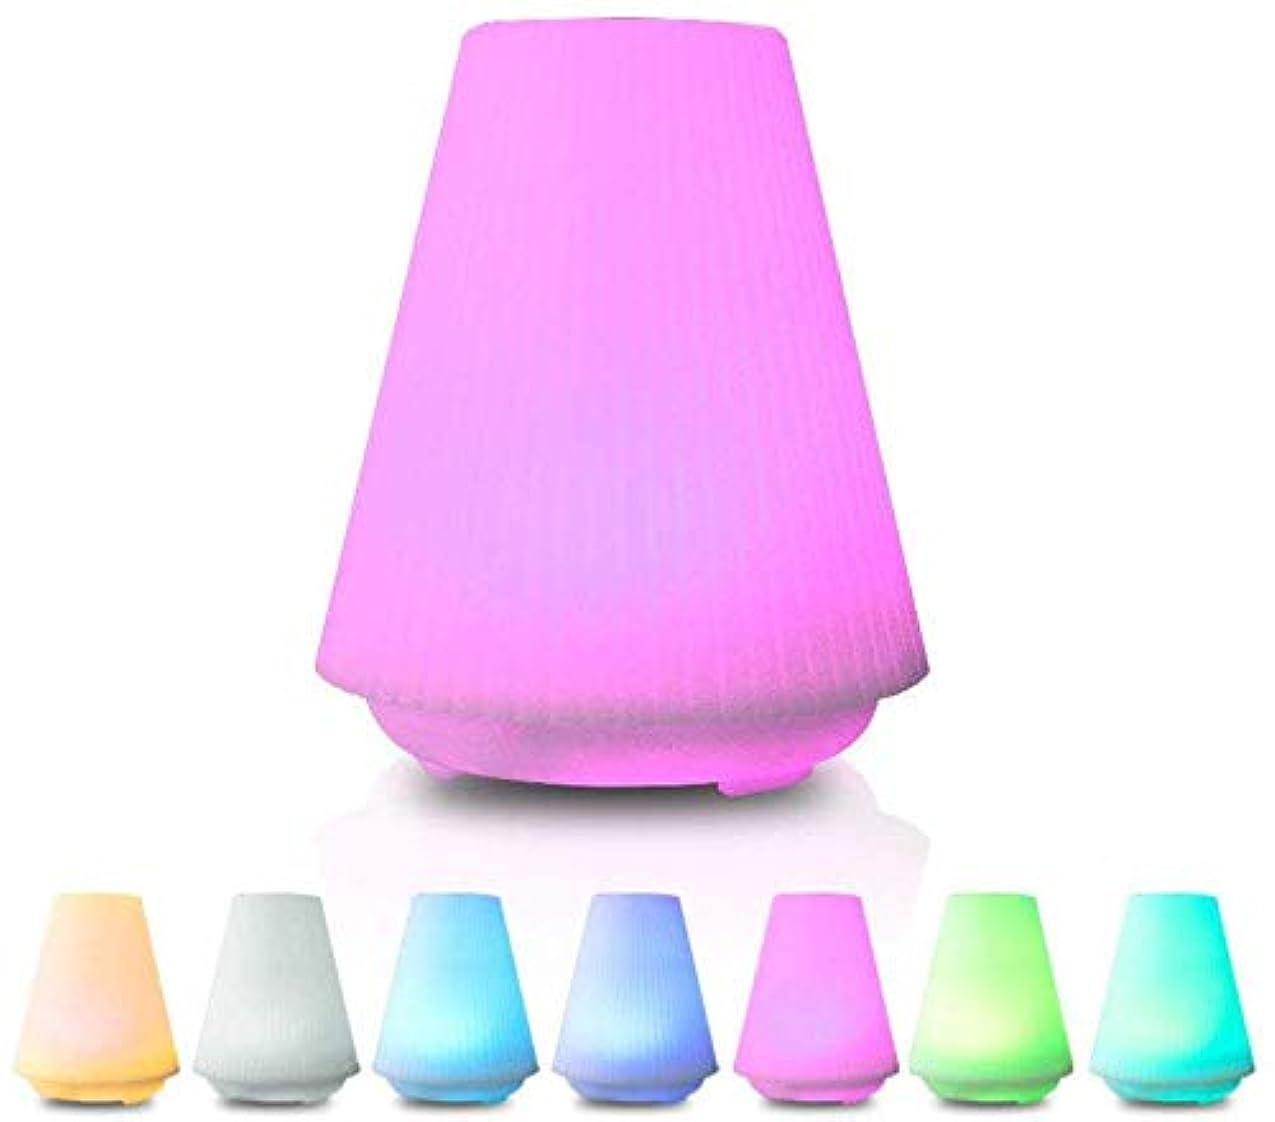 ベジタリアン職業移植アロマセラピーエッセンシャルオイルディフューザーエッセンシャルオイル用100mlディフューザー8色LEDライト付き超音波ディフューザー、ウォーターレス自動シャットオフ、4ミストモード、彼女の家の装飾のためのバレンタインのアイデア